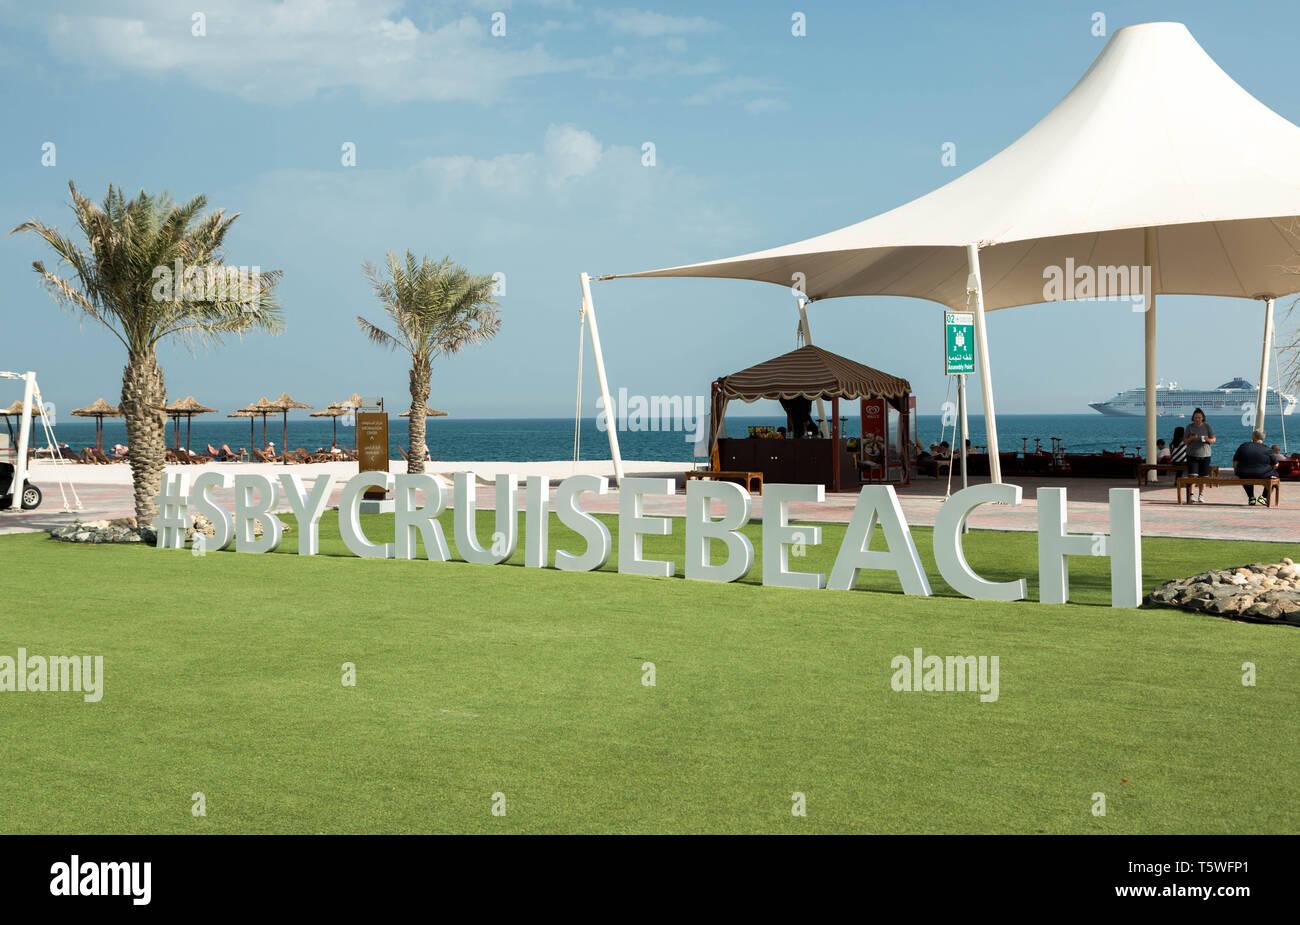 Sir Bani Yas island, famous to P&o Cruise ship passengers, United Arab Emirates - Stock Image